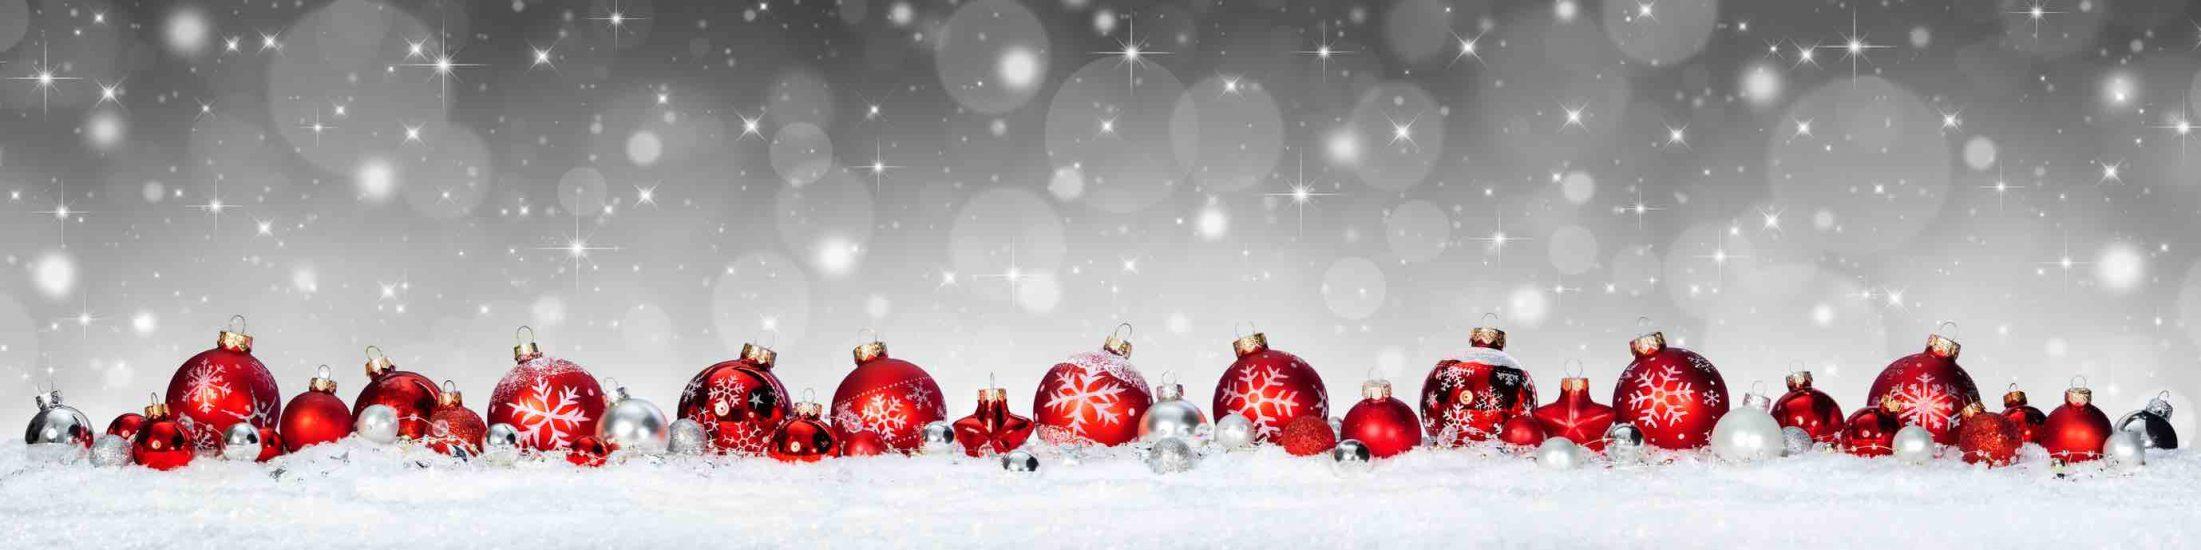 Weihnachtsgrüße Mit Danksagung.Die Hausverwaltung Reiner Sagt Danke Für Die Tolle Zusammenarbeit